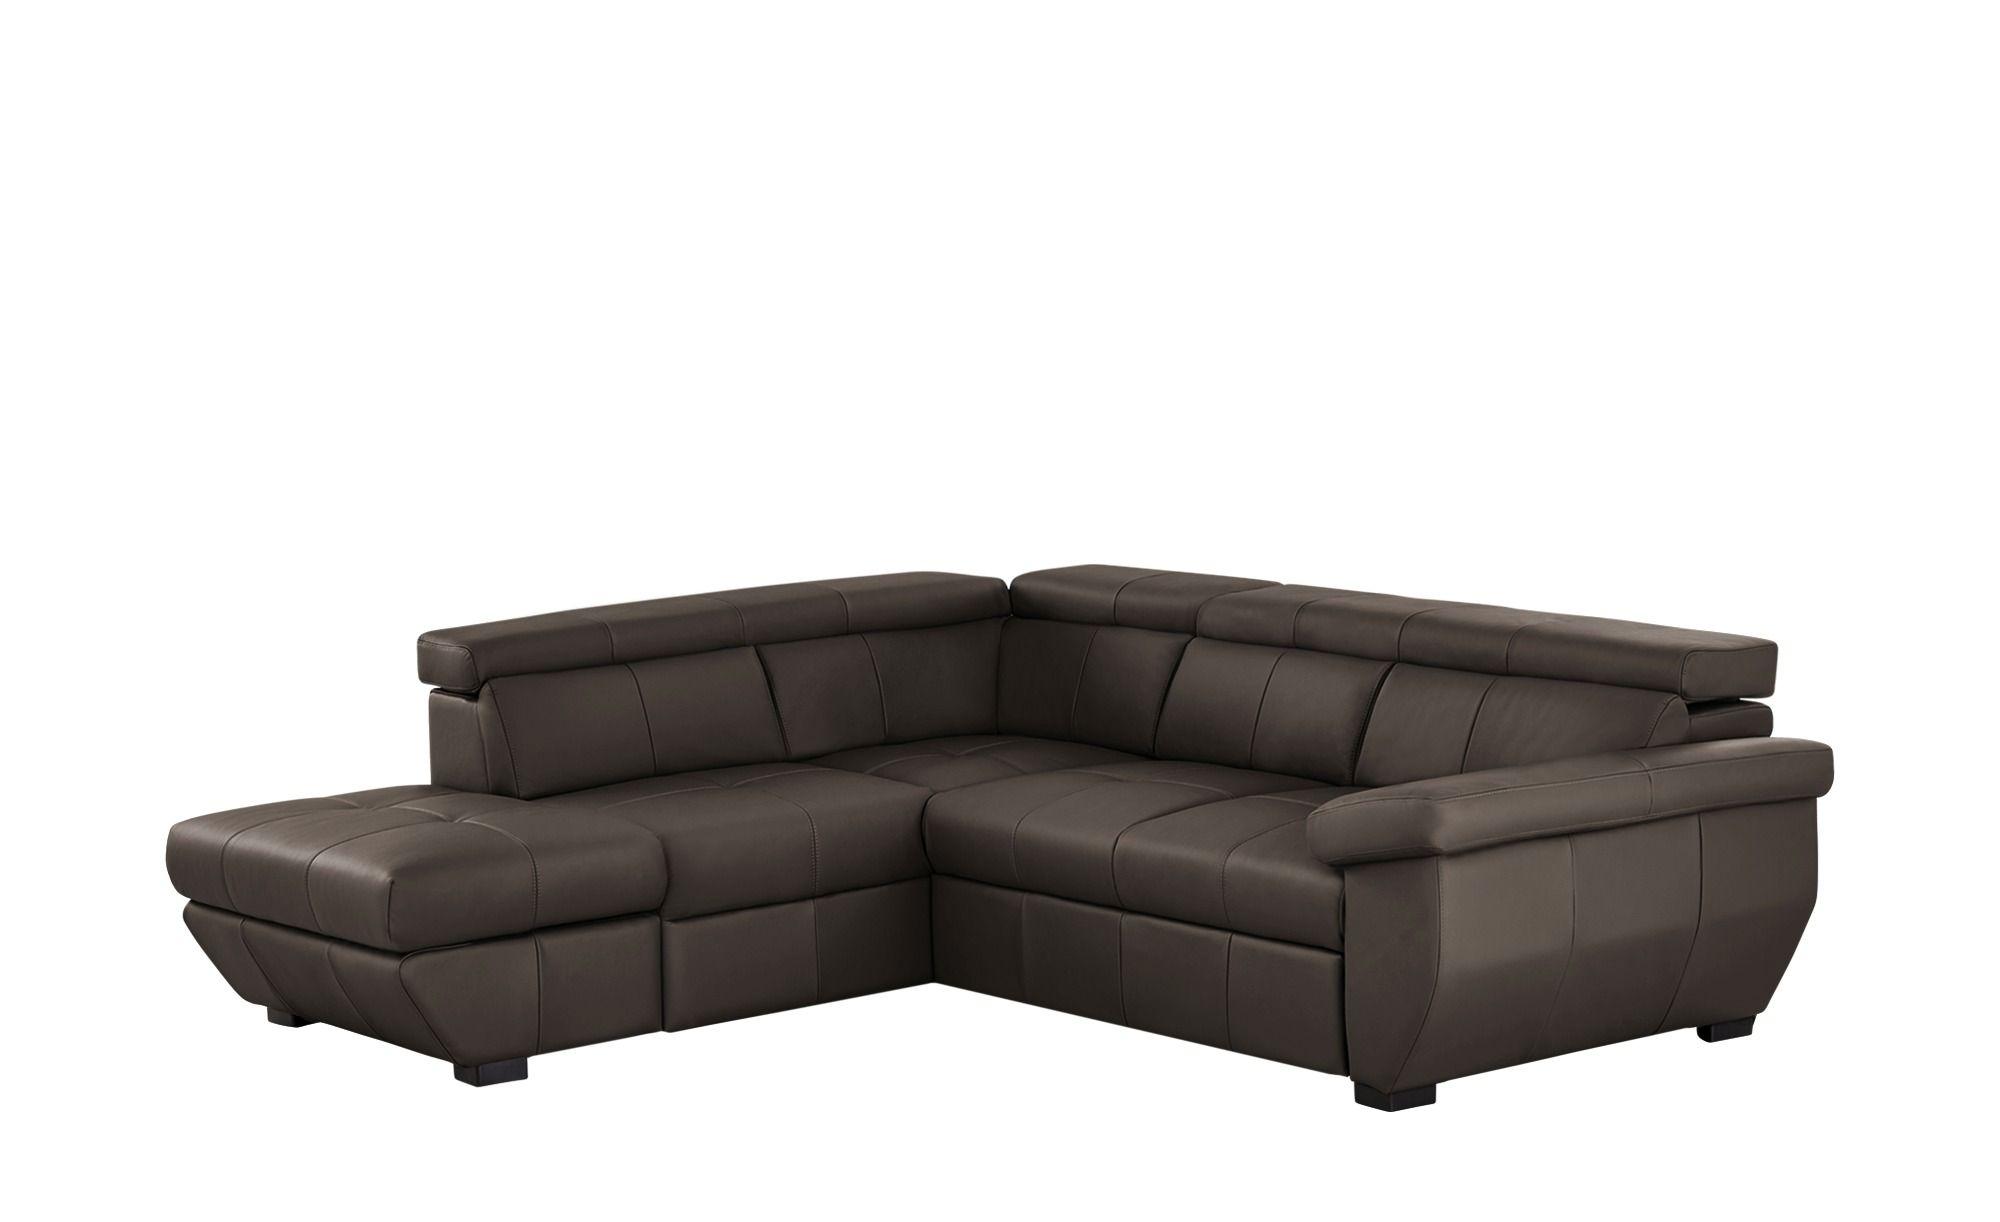 Uno Ecksofa Formula Gefunden Bei Mobel Hoffner Ecksofa Sofa Und Moderne Couch